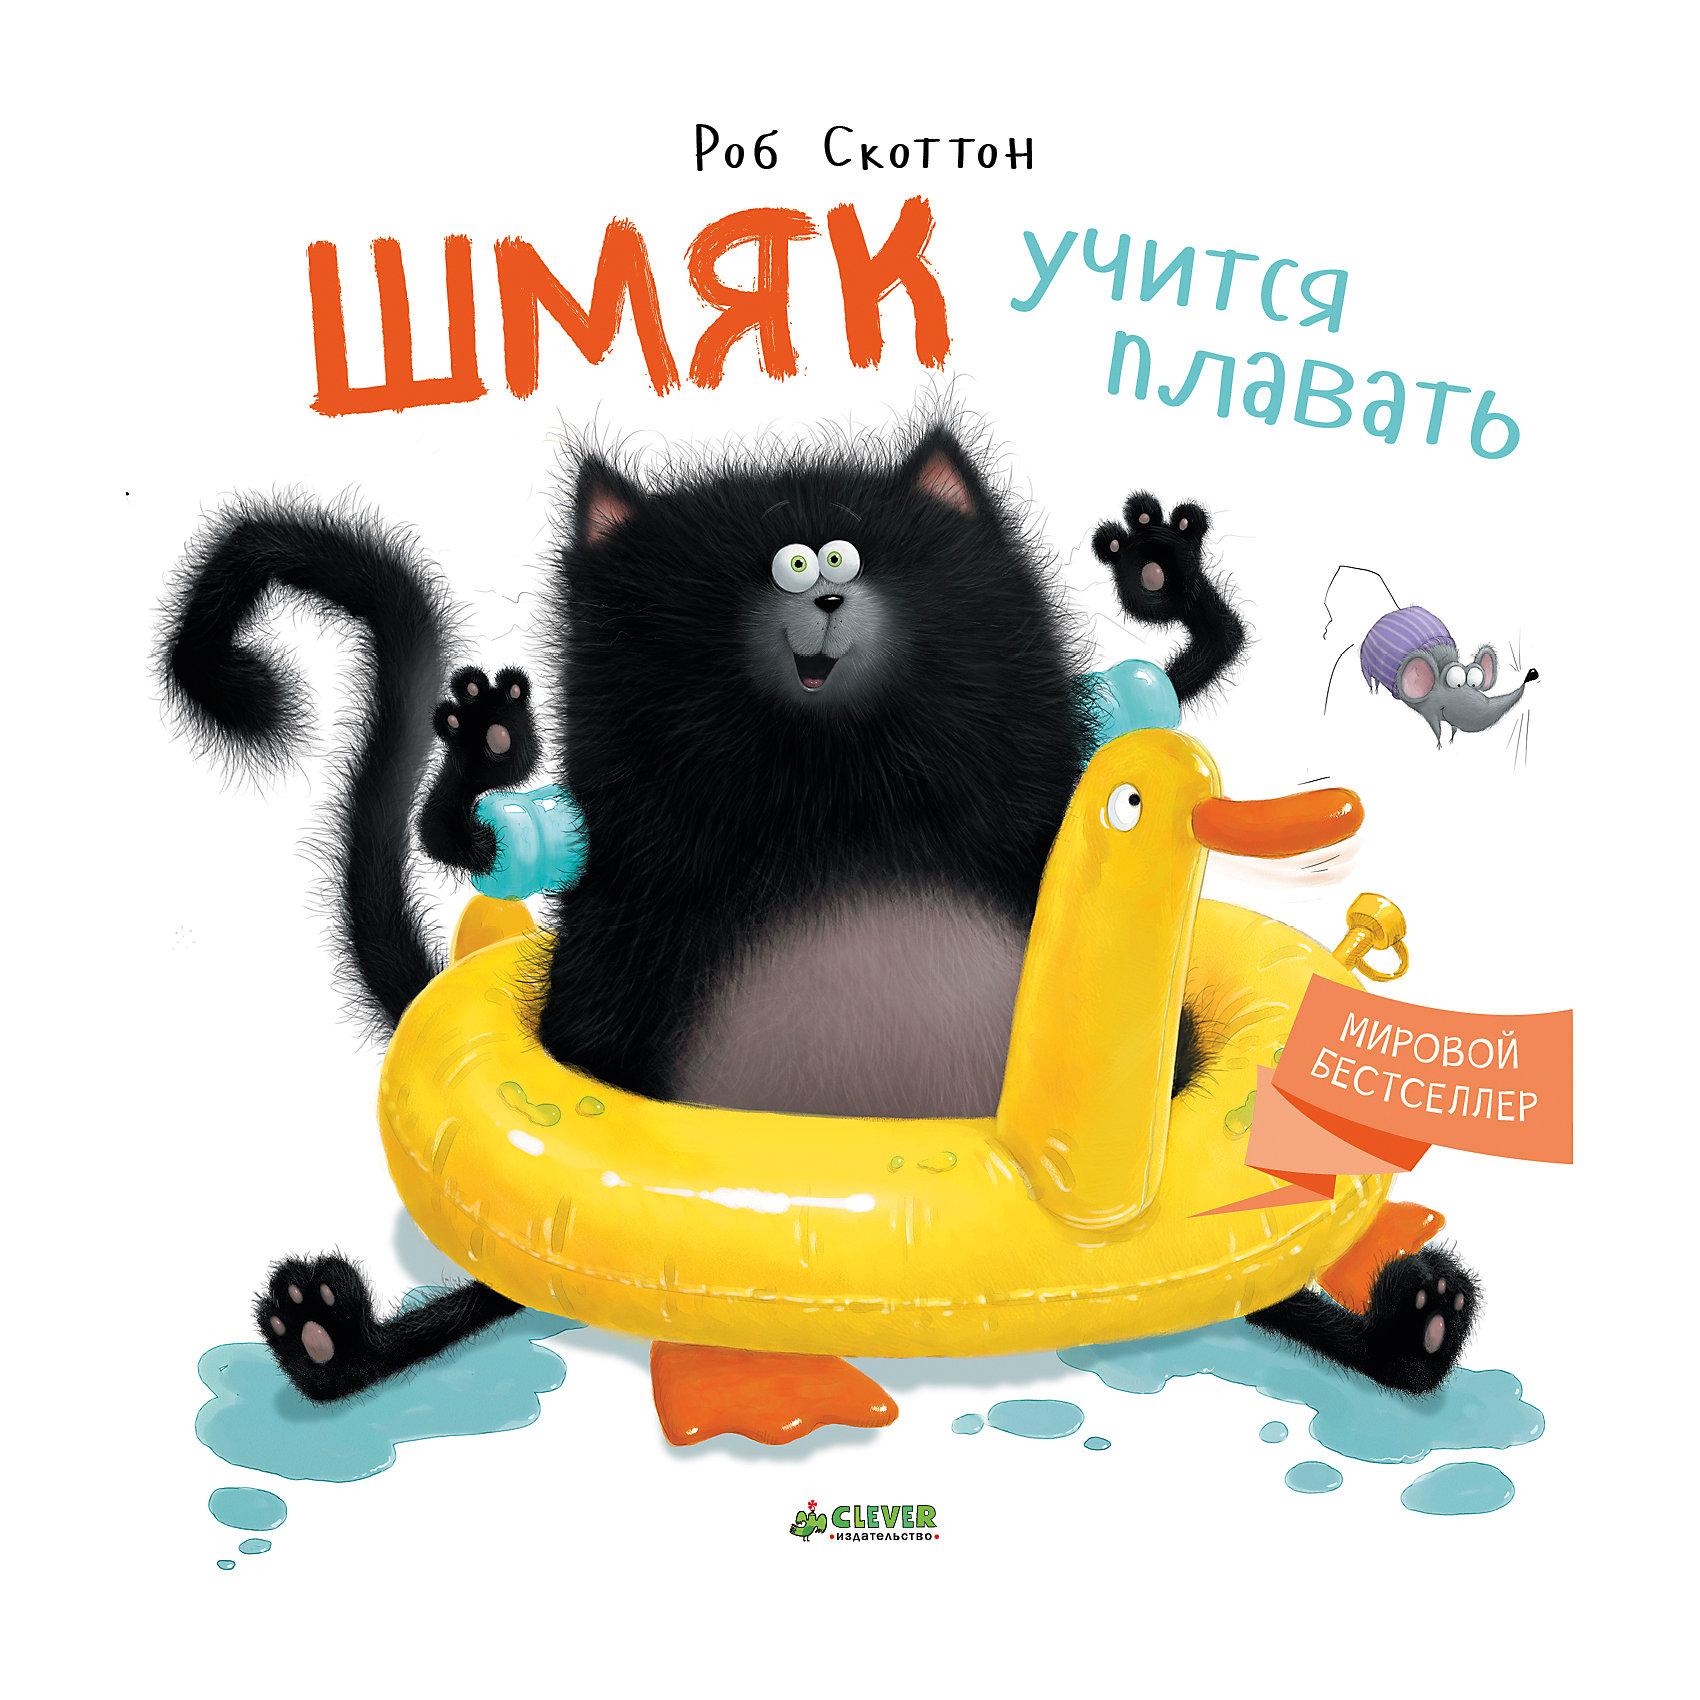 Шмяк учится плавать, Скоттон Р.CLEVER (КЛЕВЕР)<br>Роб Скоттон - знаменитый художник и писатель, папа умилительного котенка Шмяка, обожаемого детьми и родителями по всему миру. Котенок Шмяк вместе с классом отправляется в бассейн. Но Шмяк вовсе не хочет учиться плавать вода противная, мокрая, и он от нее НАМОКАЕТ! Оказывается, Шип думает точно так же. Как же помочь котятам решиться сделать первый шаг и войти в воду?<br><br>Ширина мм: 245<br>Глубина мм: 245<br>Высота мм: 5<br>Вес г: 383<br>Возраст от месяцев: 84<br>Возраст до месяцев: 132<br>Пол: Унисекс<br>Возраст: Детский<br>SKU: 6899742